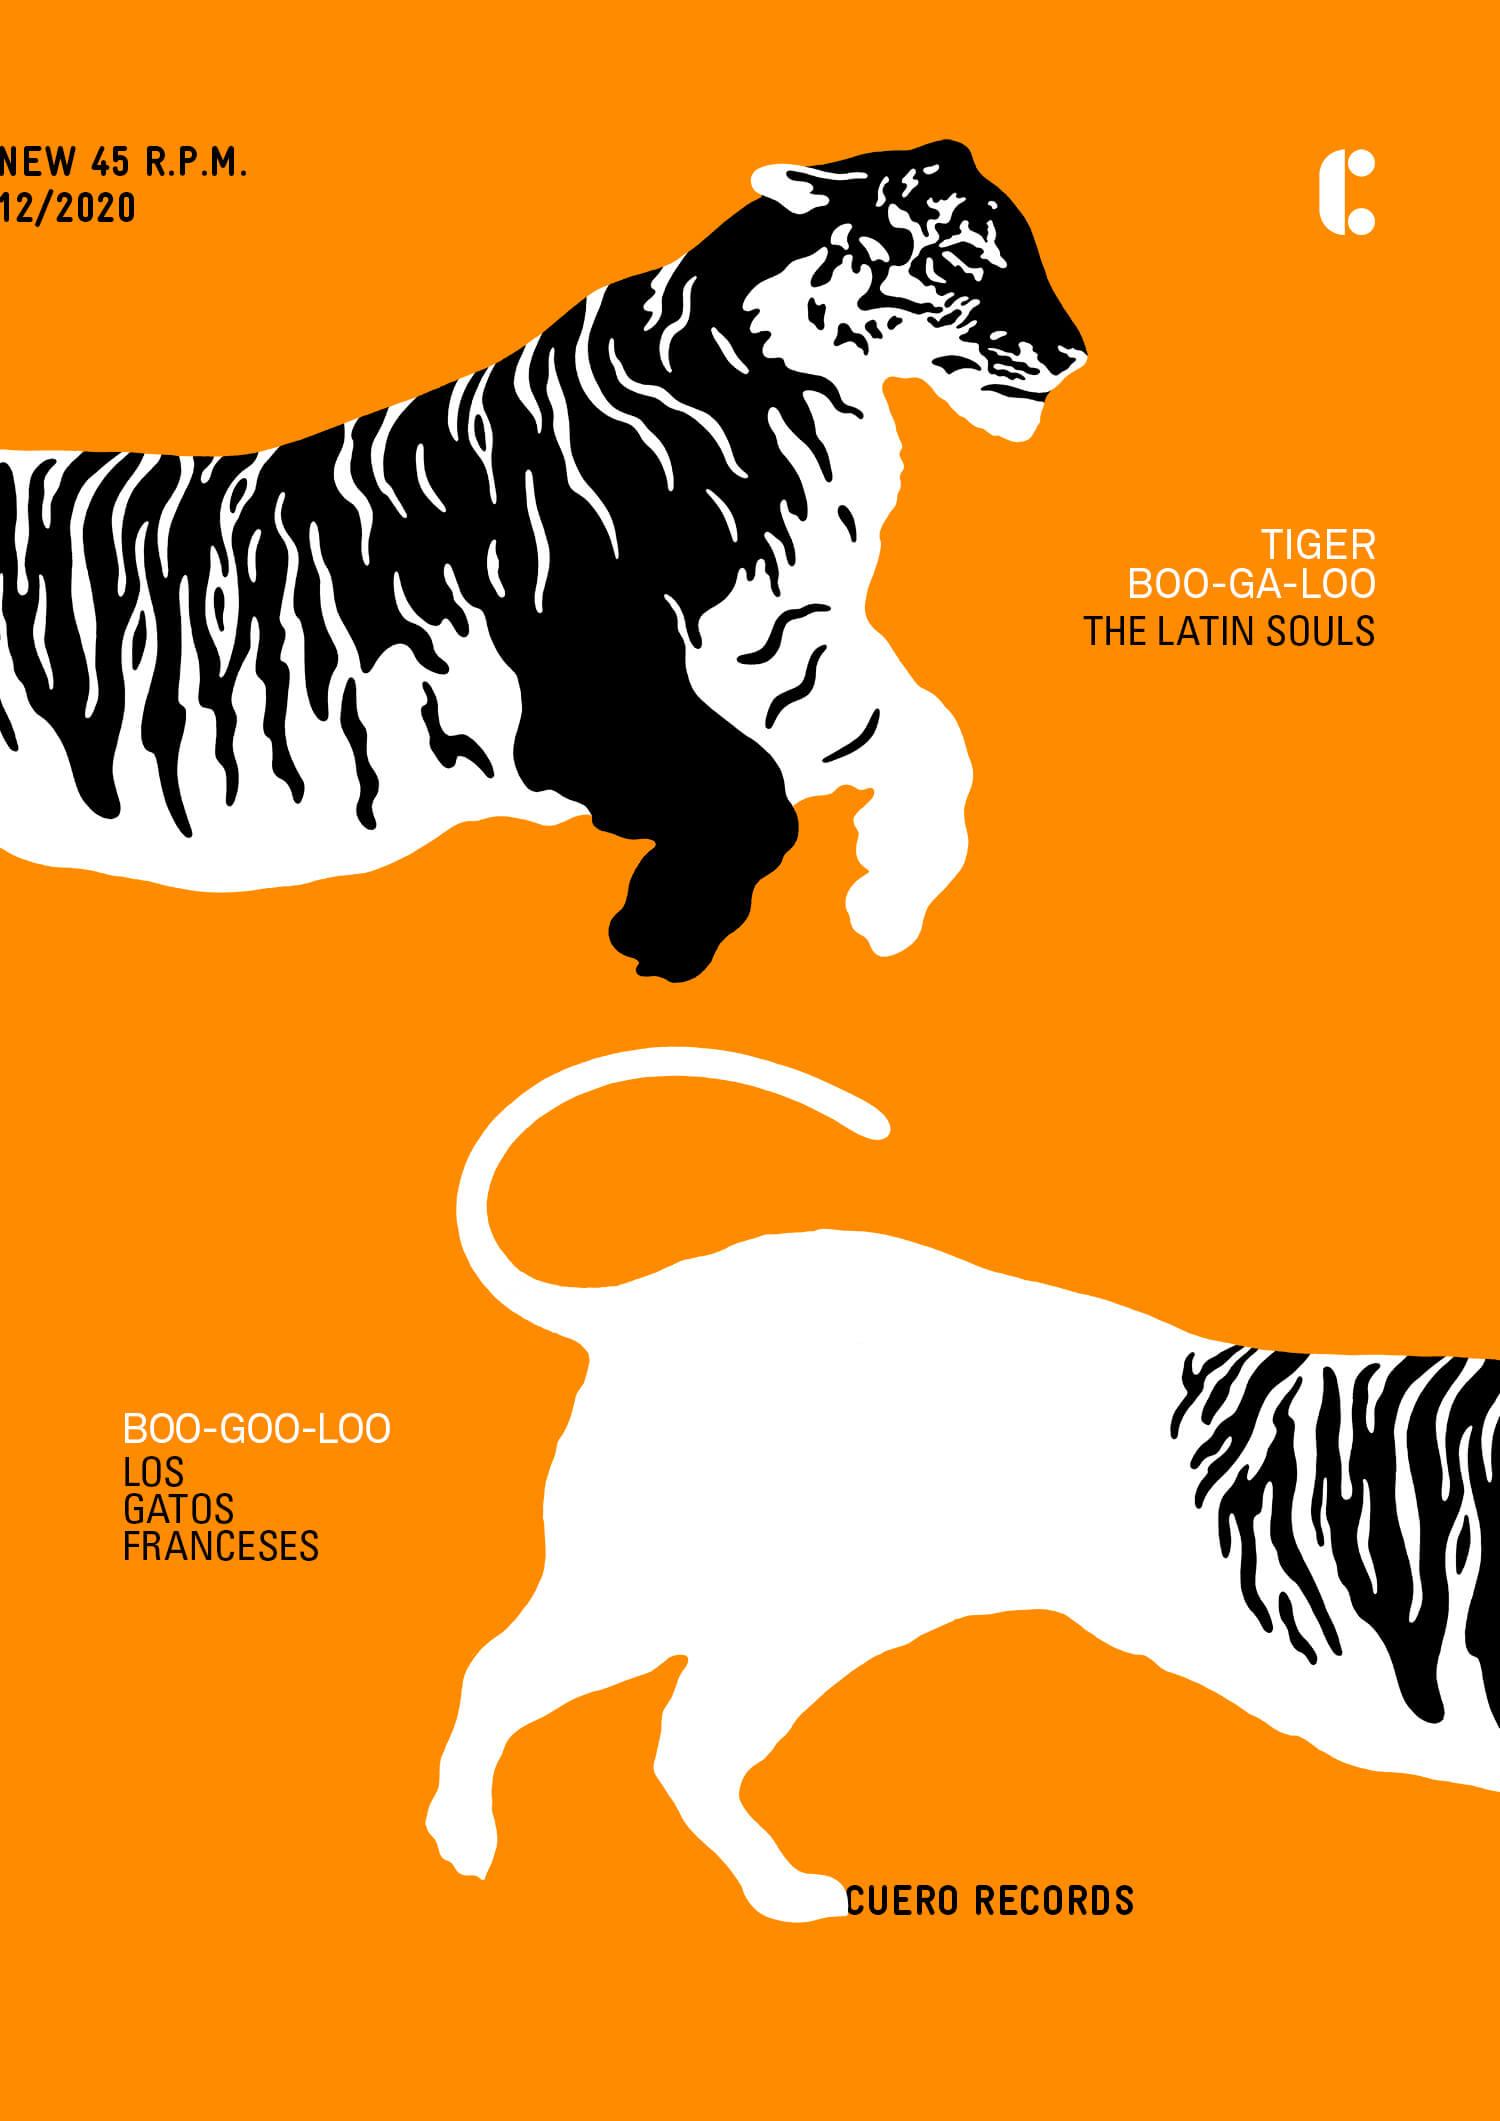 Tiger Boo-ga-loo / Boo-goo-loo poster